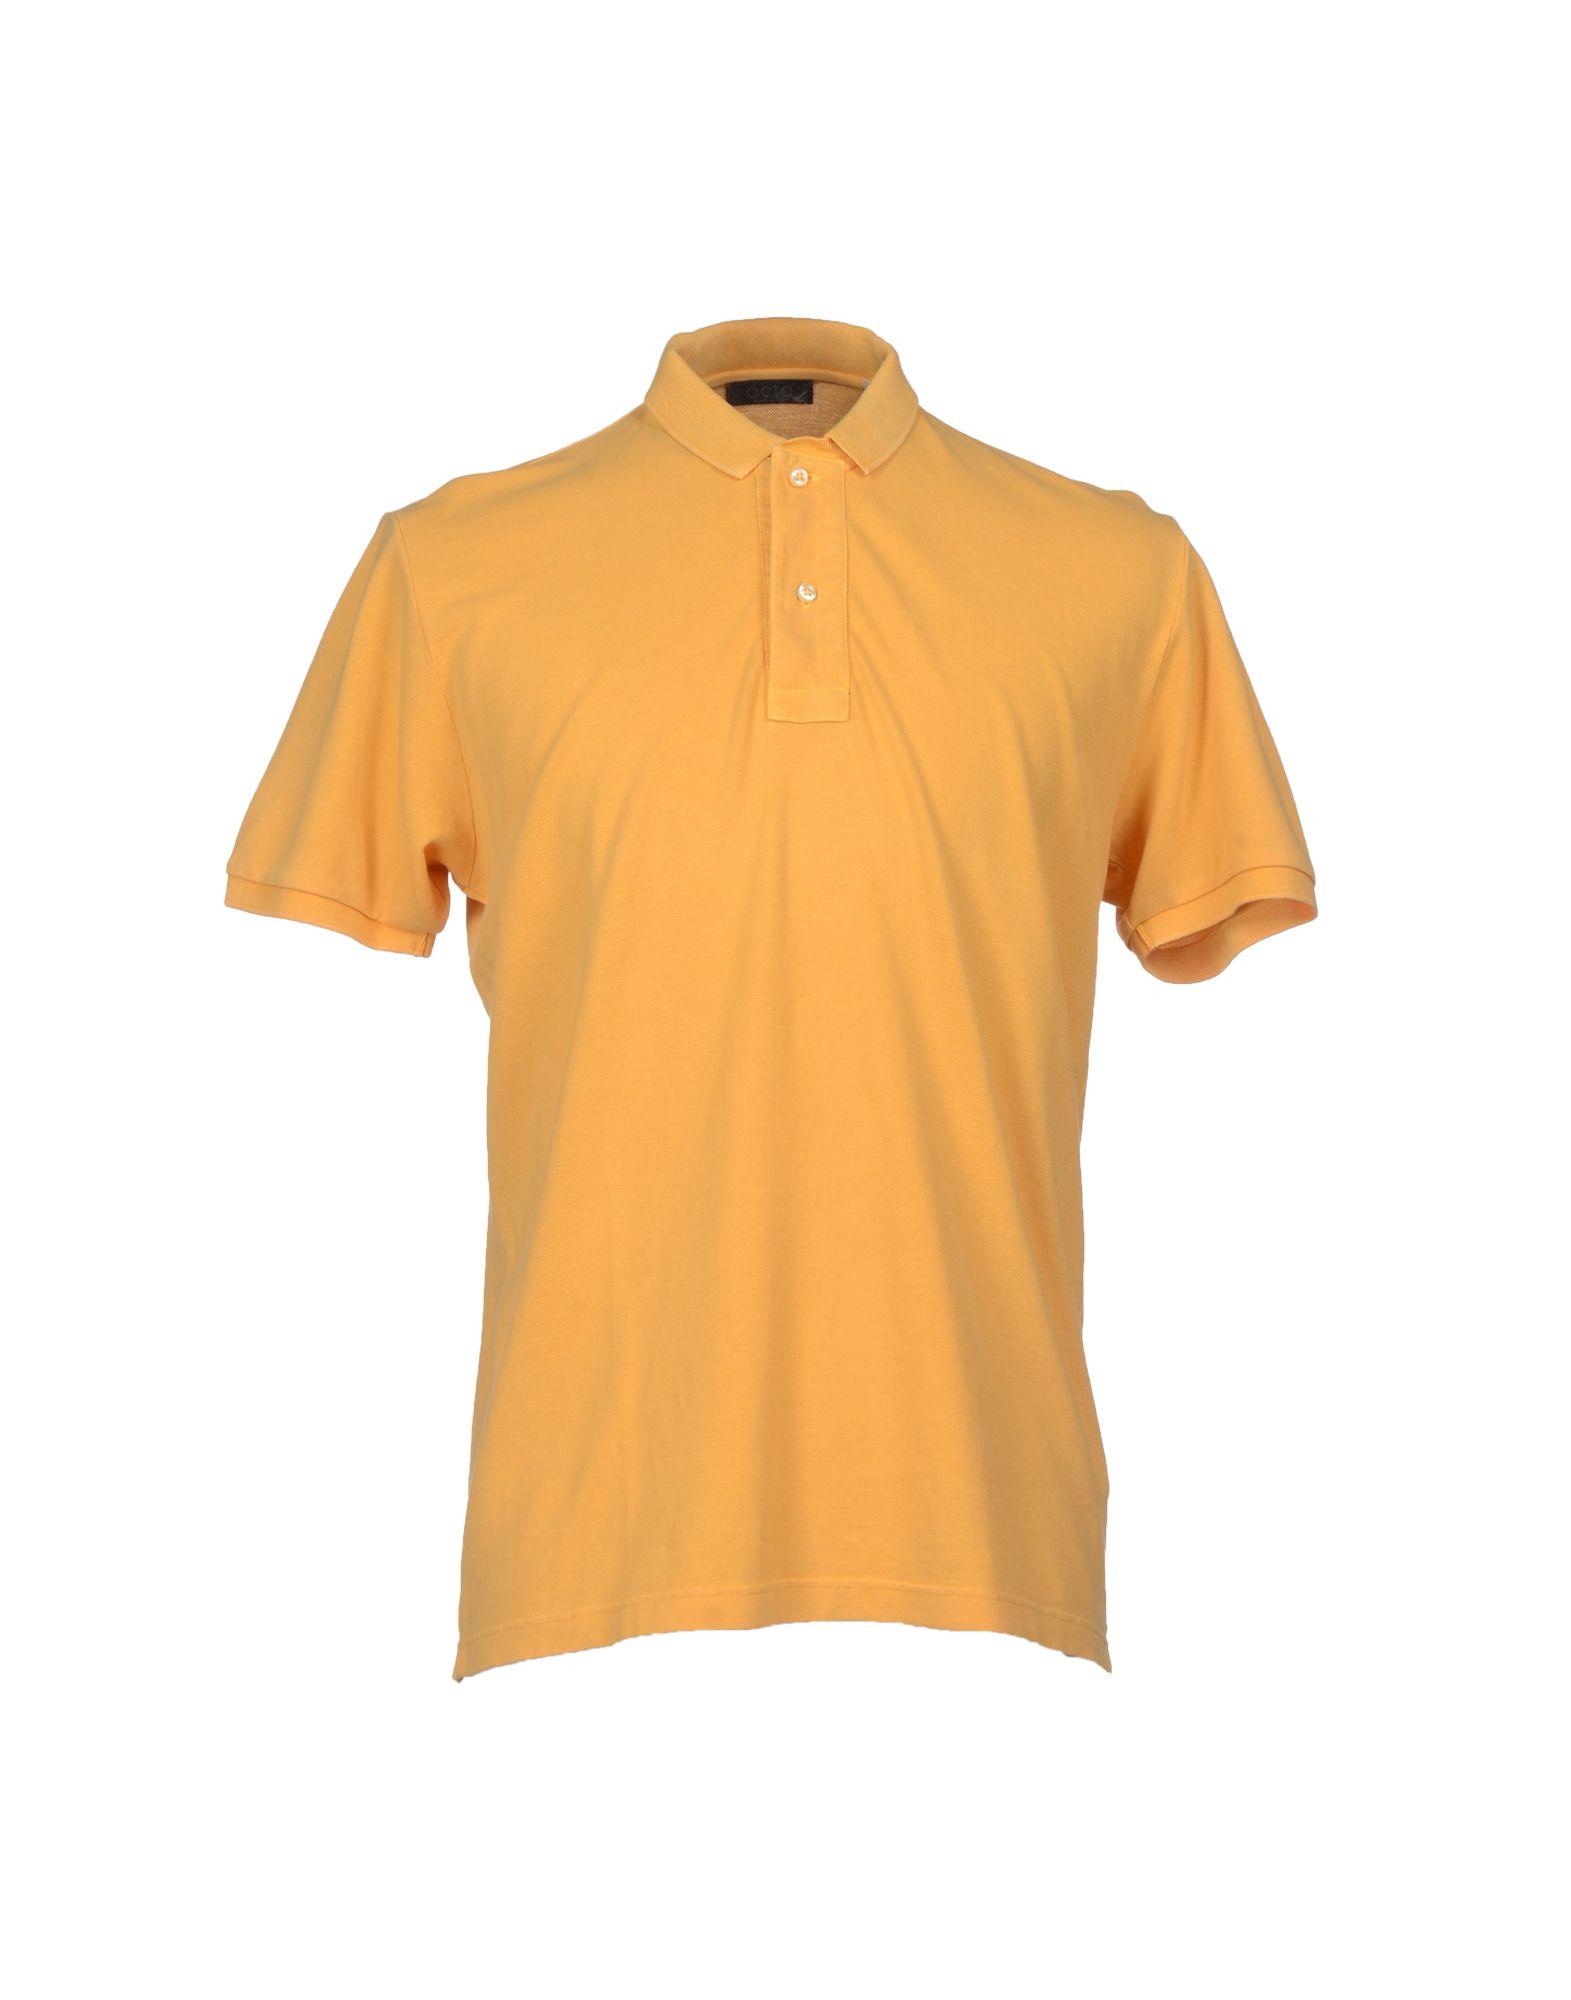 OCTO Polo shirts